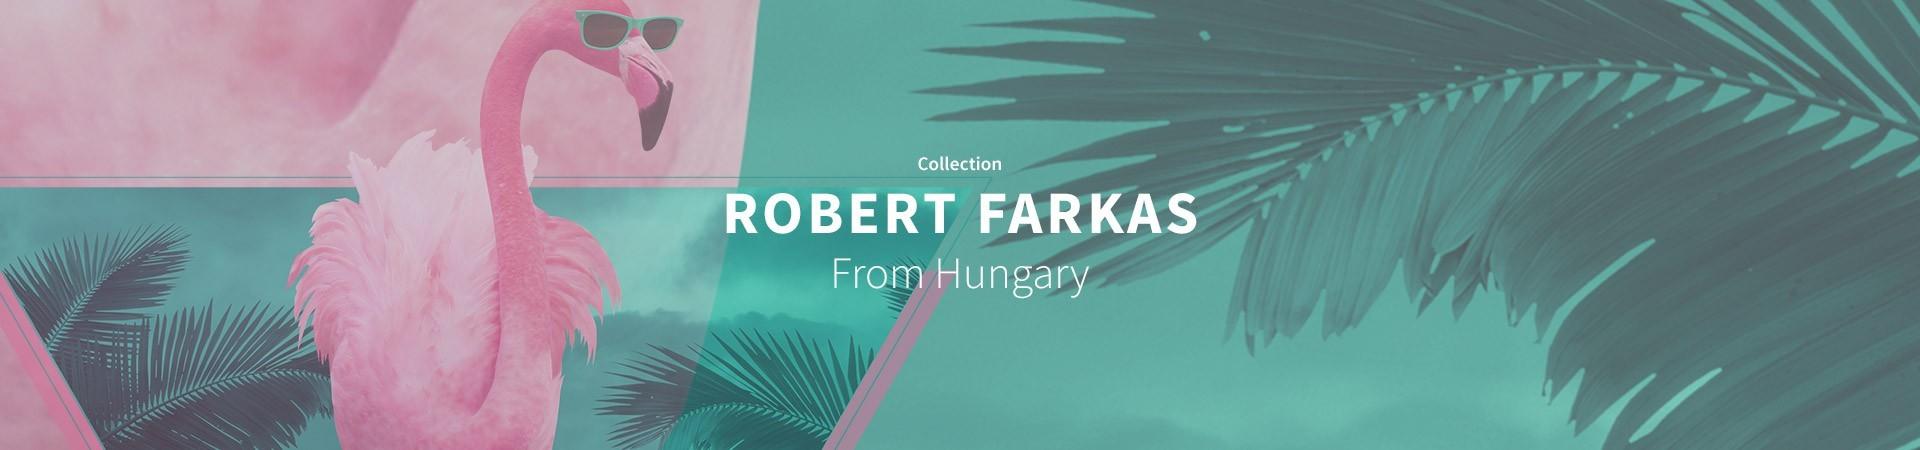 Robert Farkas